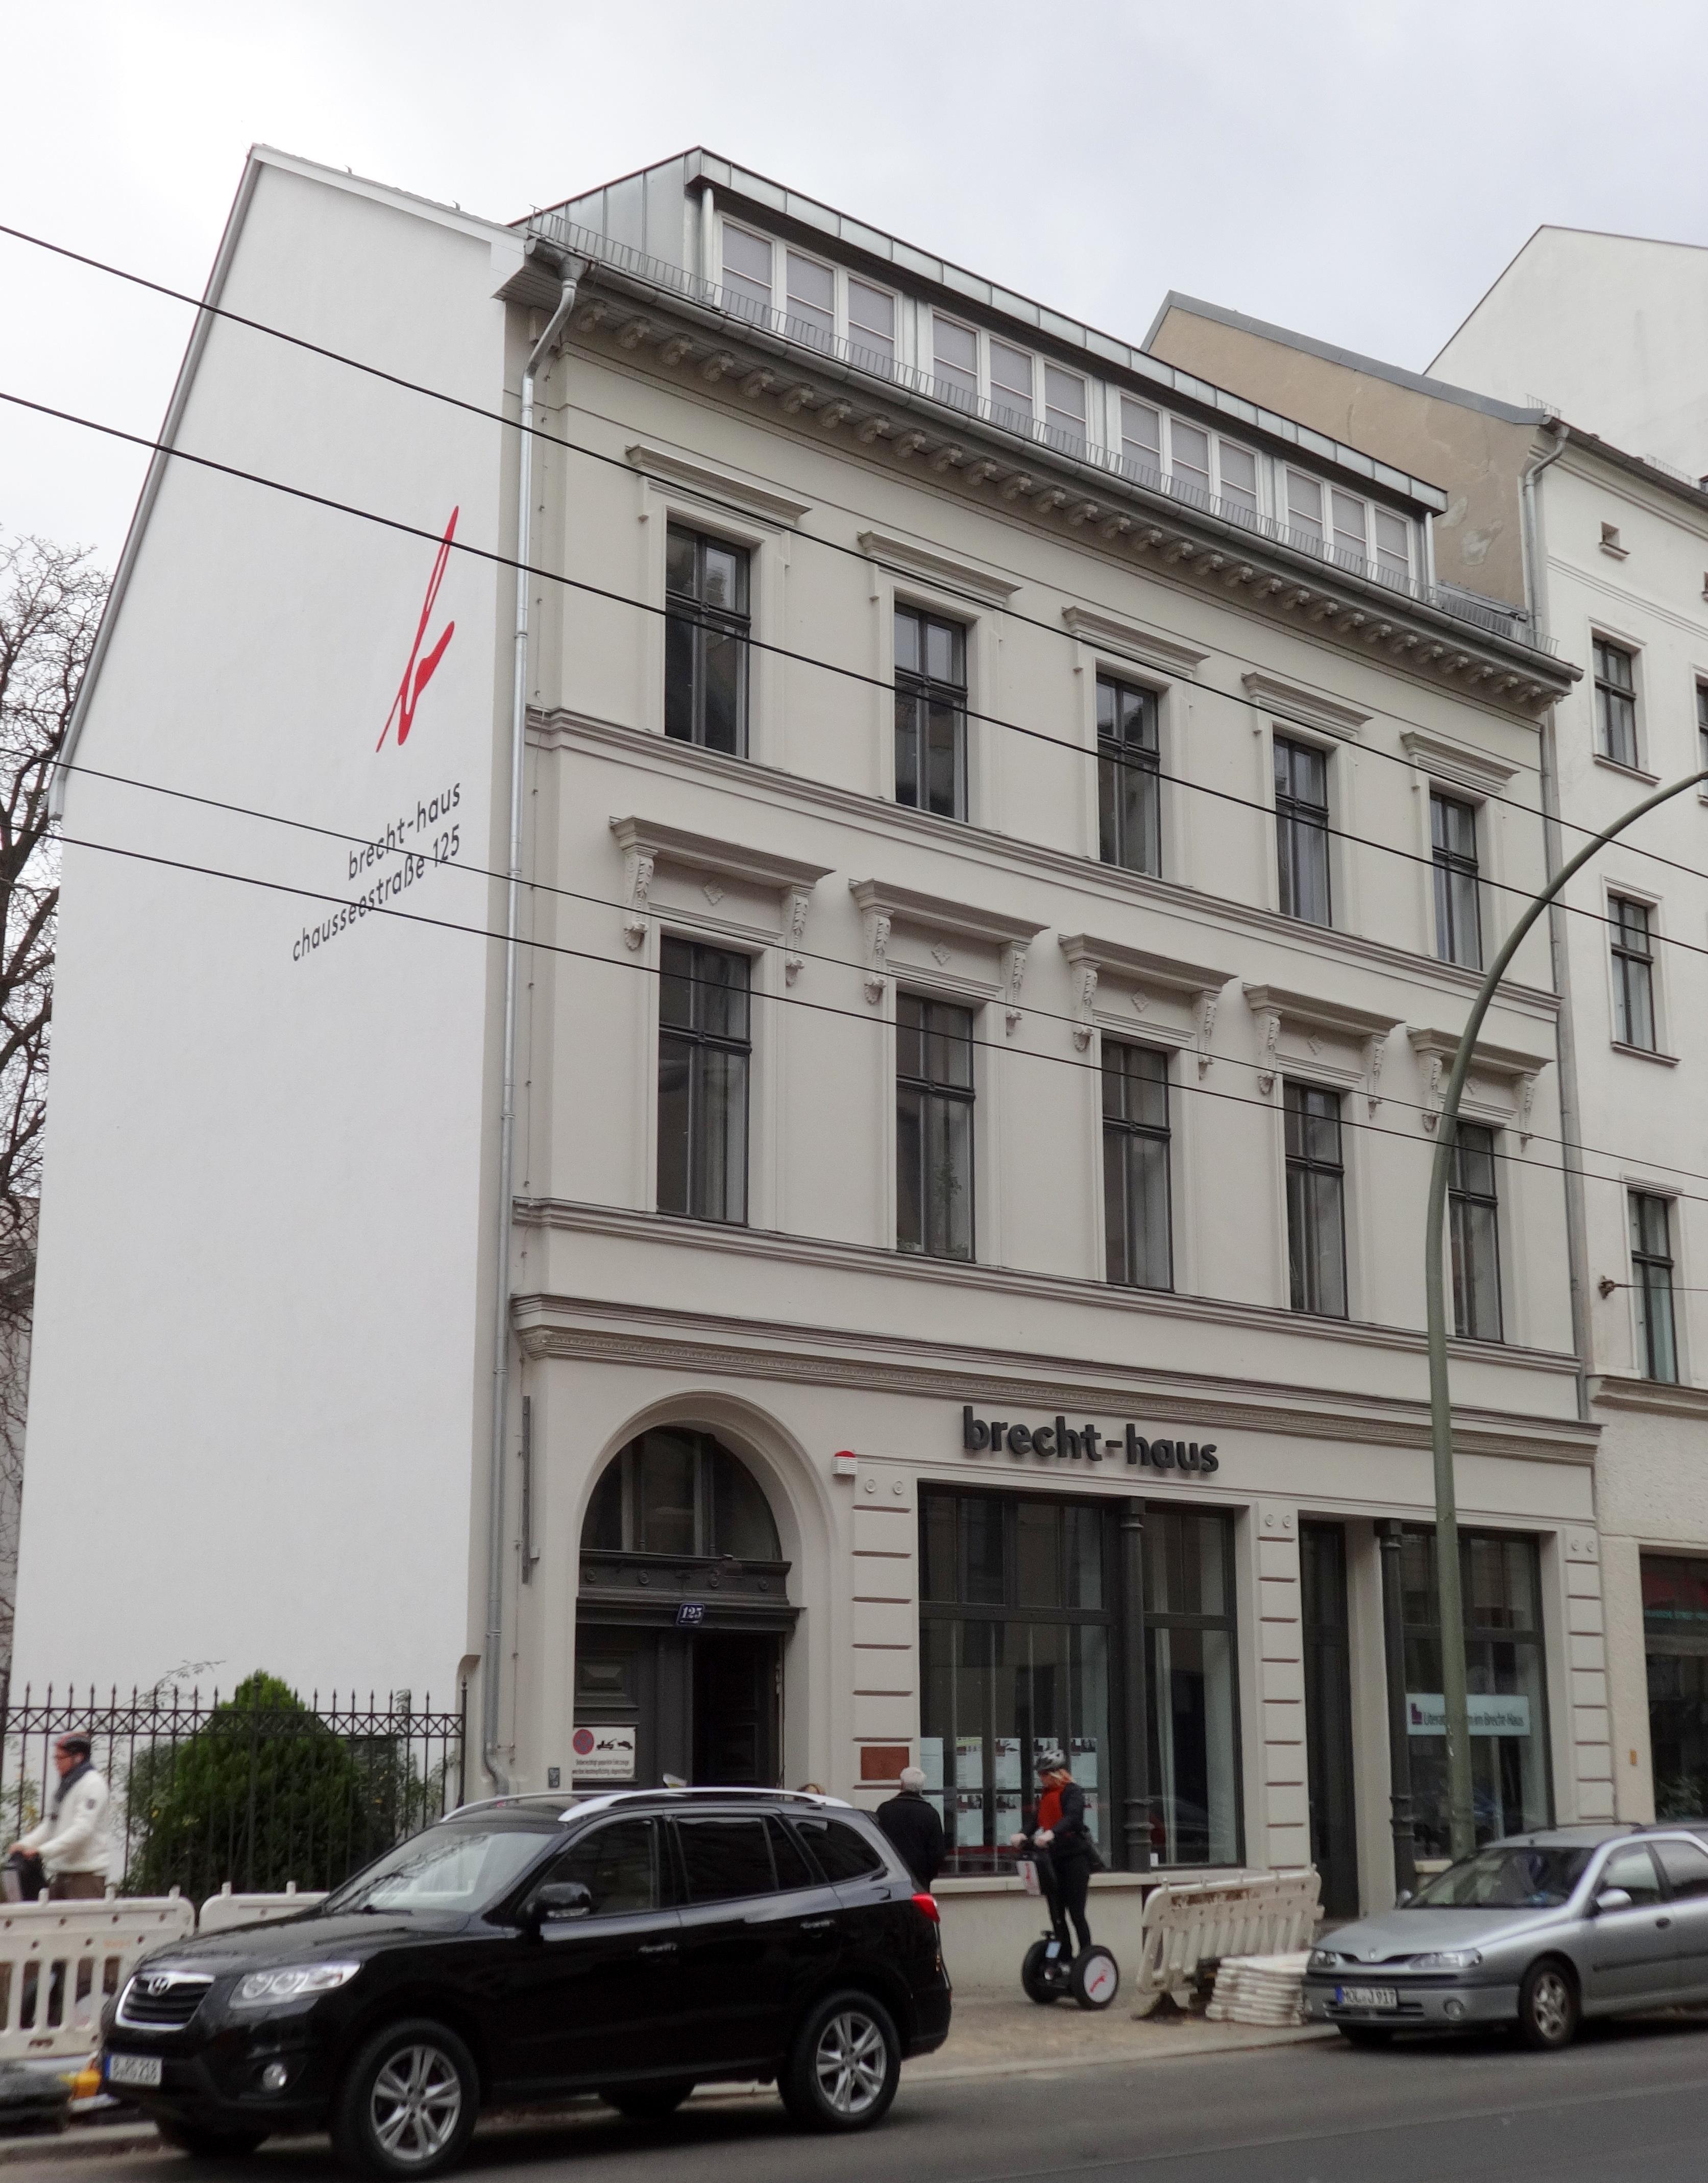 File Berlin Brecht Haus 14 11 2015 13 10 22 Jpg Wikimedia Commons